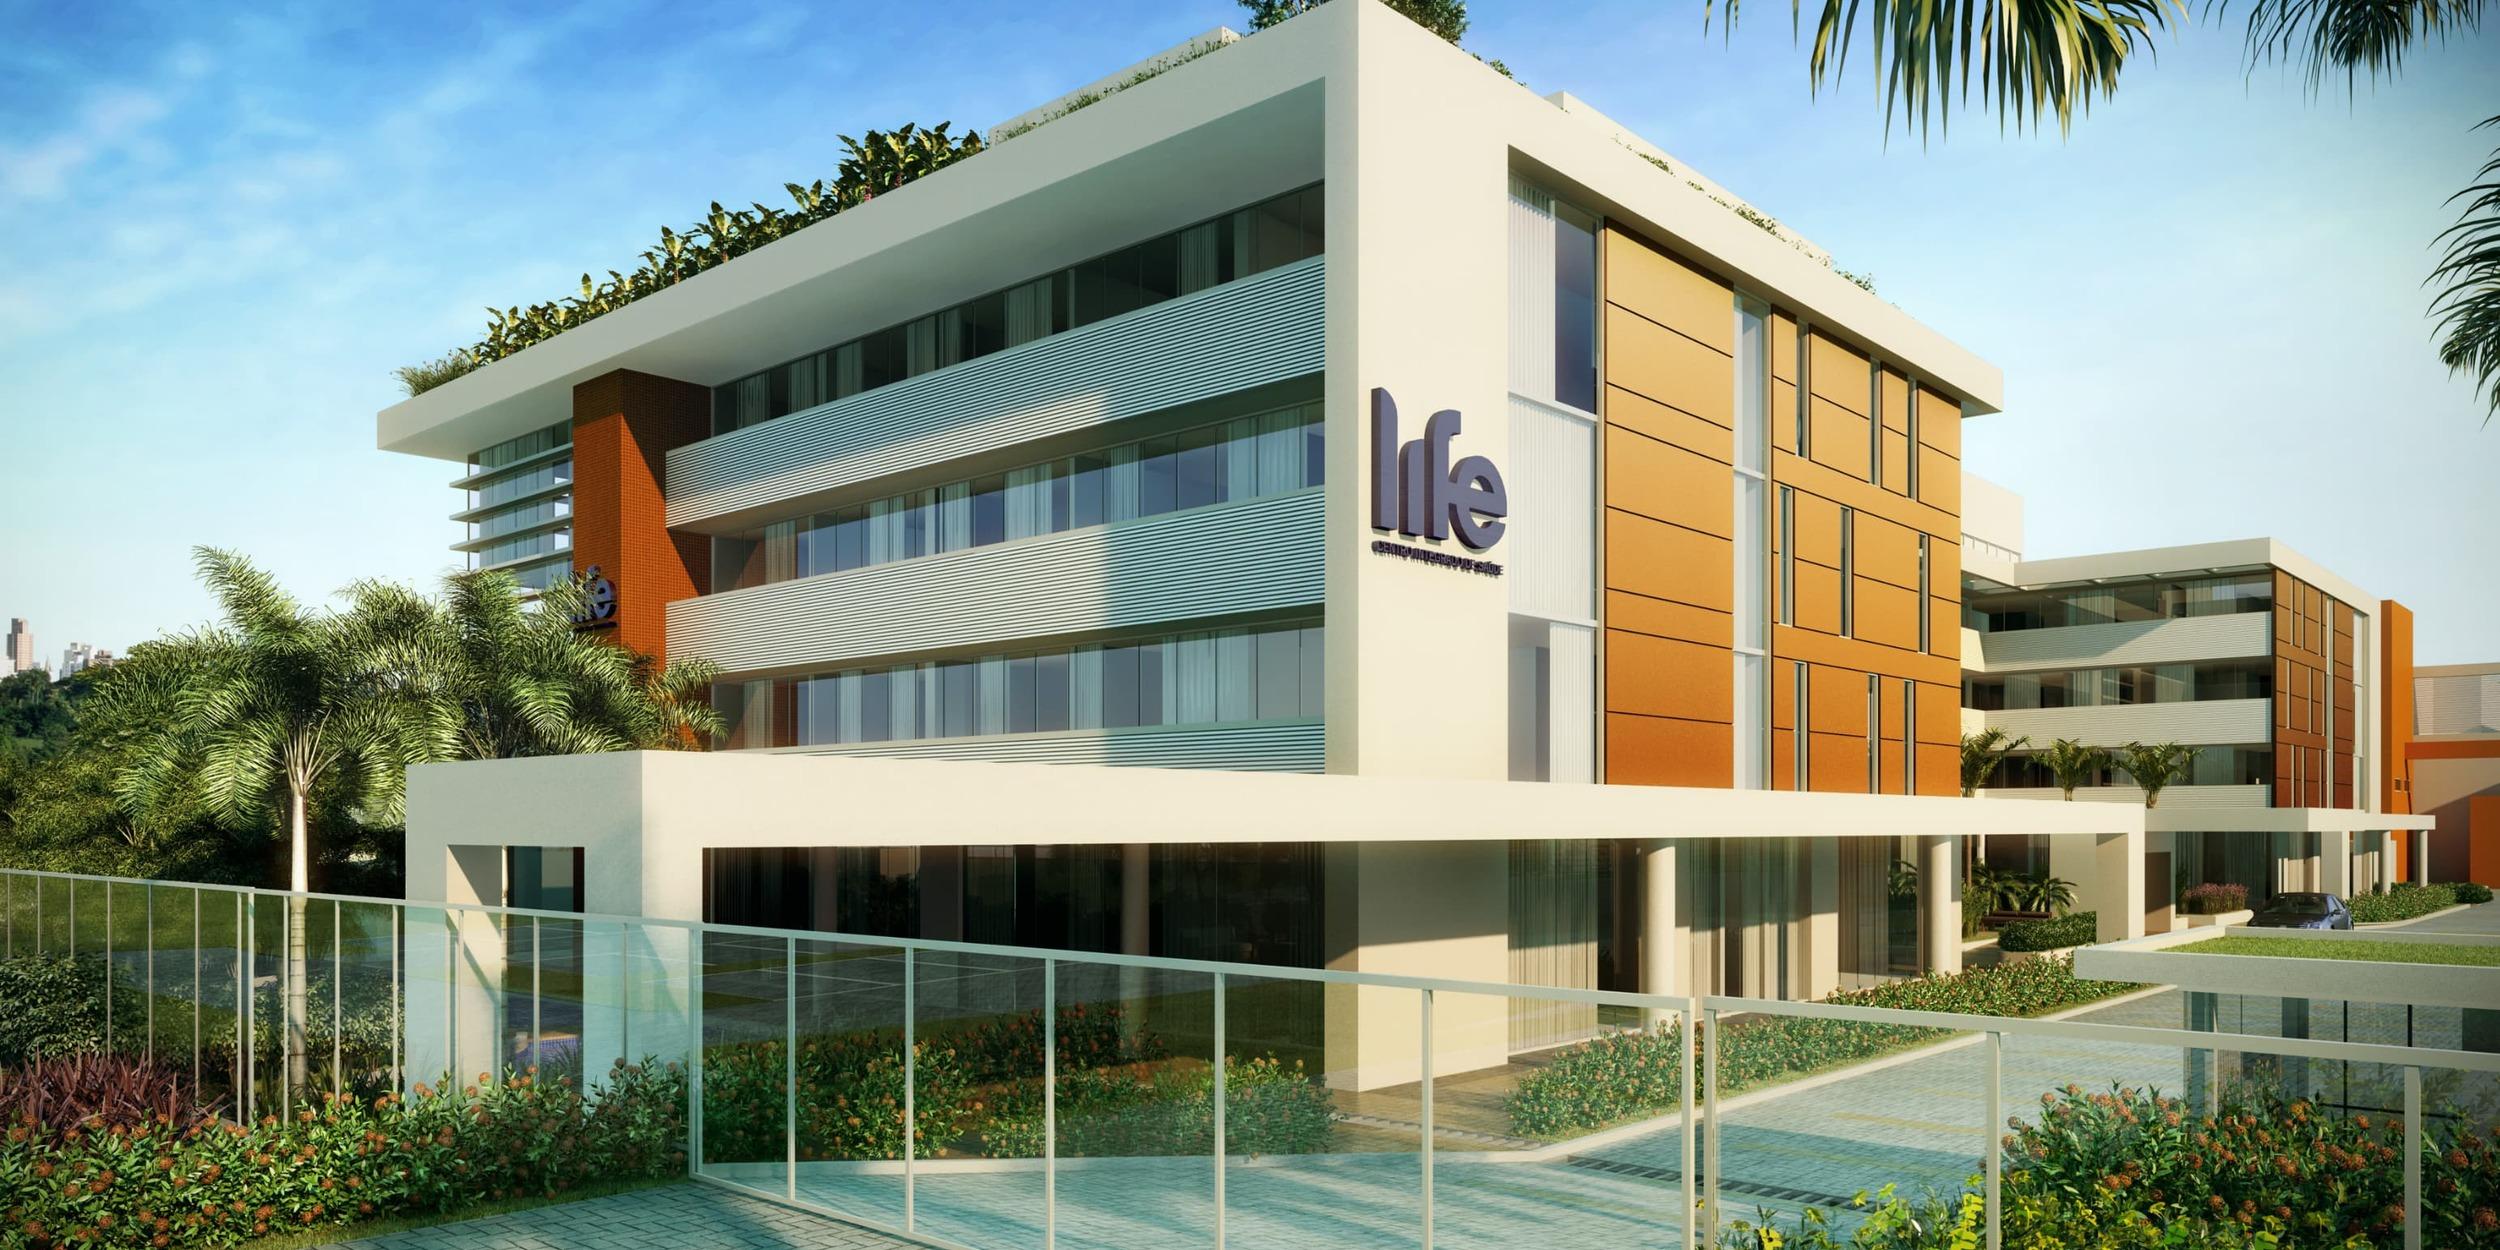 Img life centro integrado de sa de bras lia df  1